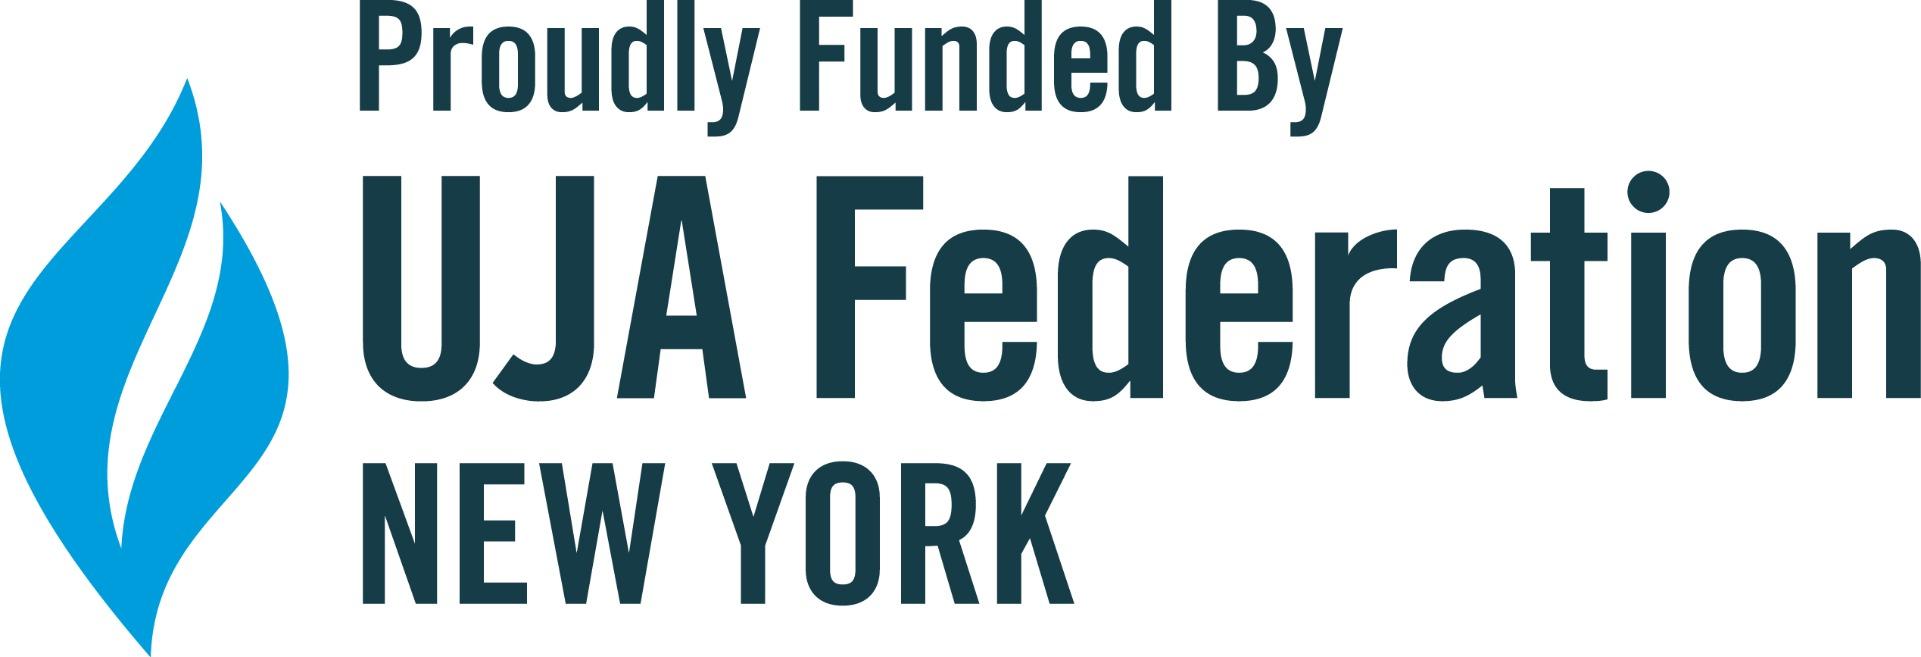 Partnership Company Logo The UJA Federation New York